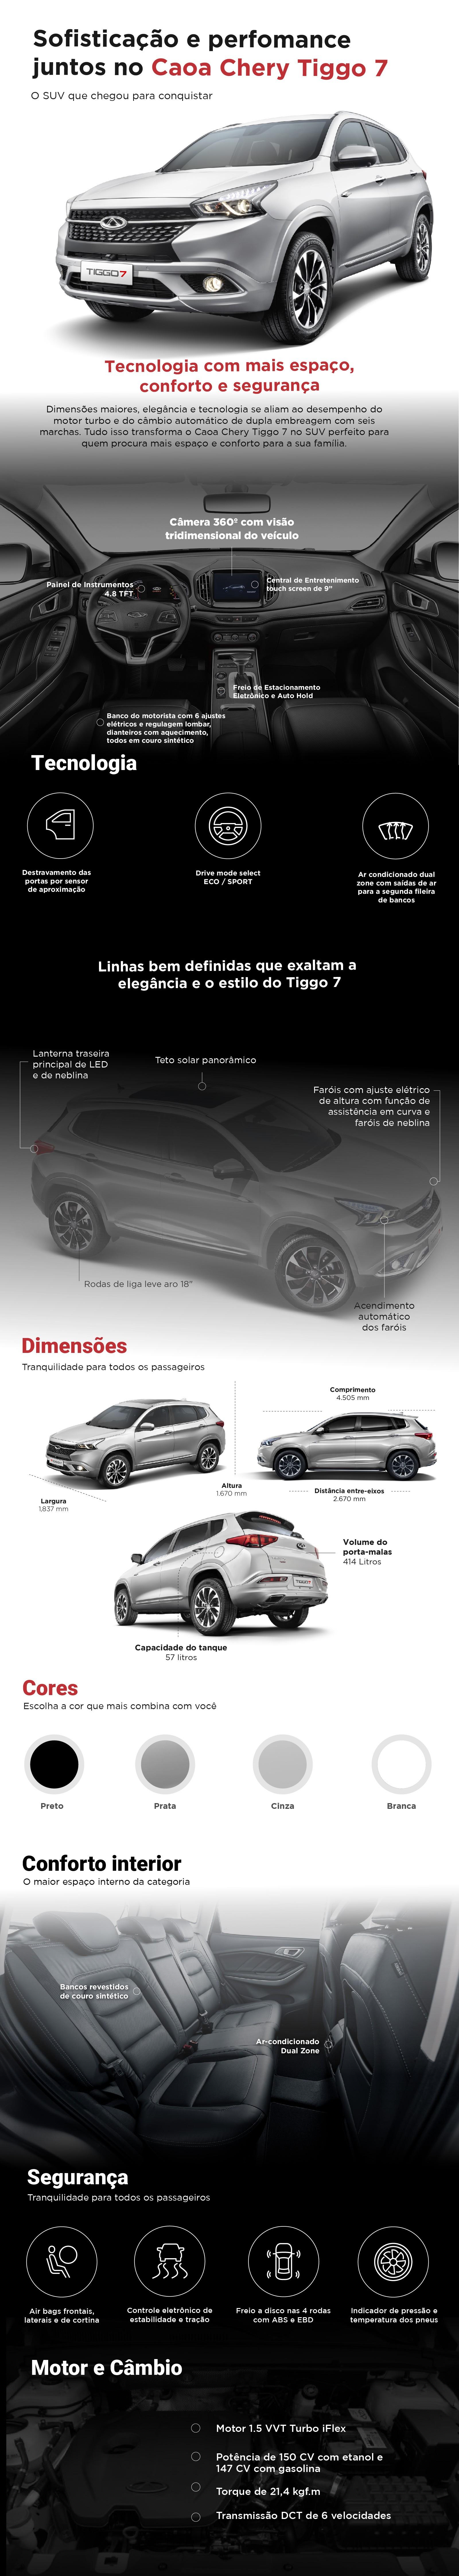 Conheça no AutoEsporte o novo SUV da Caoa Chery, o Tiggo 7 - Notícias - Plantão Diário